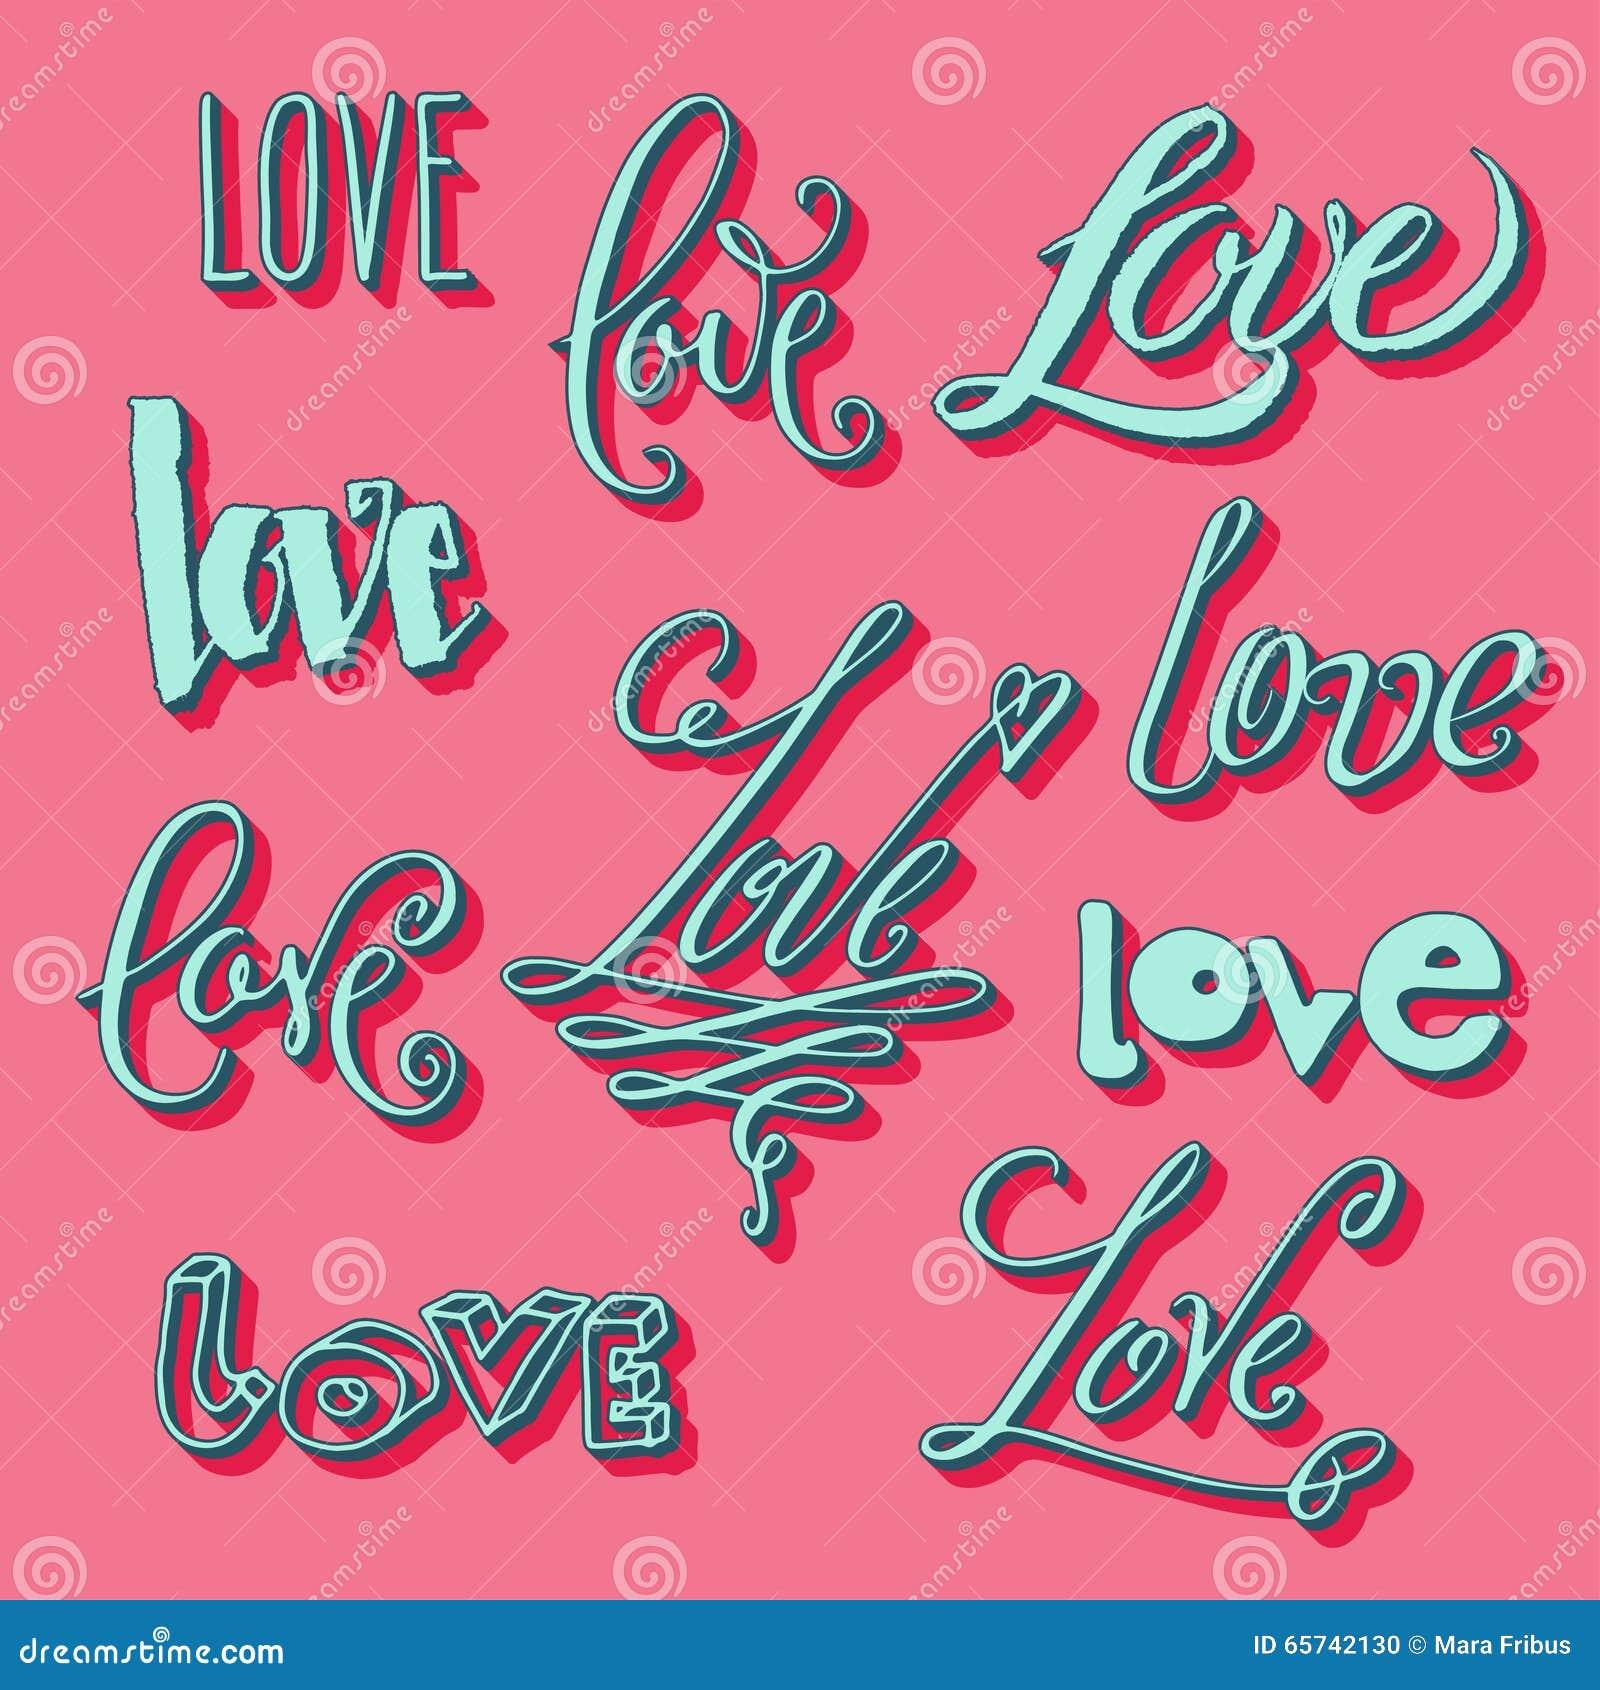 Letras de amor en estilos diversos ilustraci n del vector for Estilos de letras